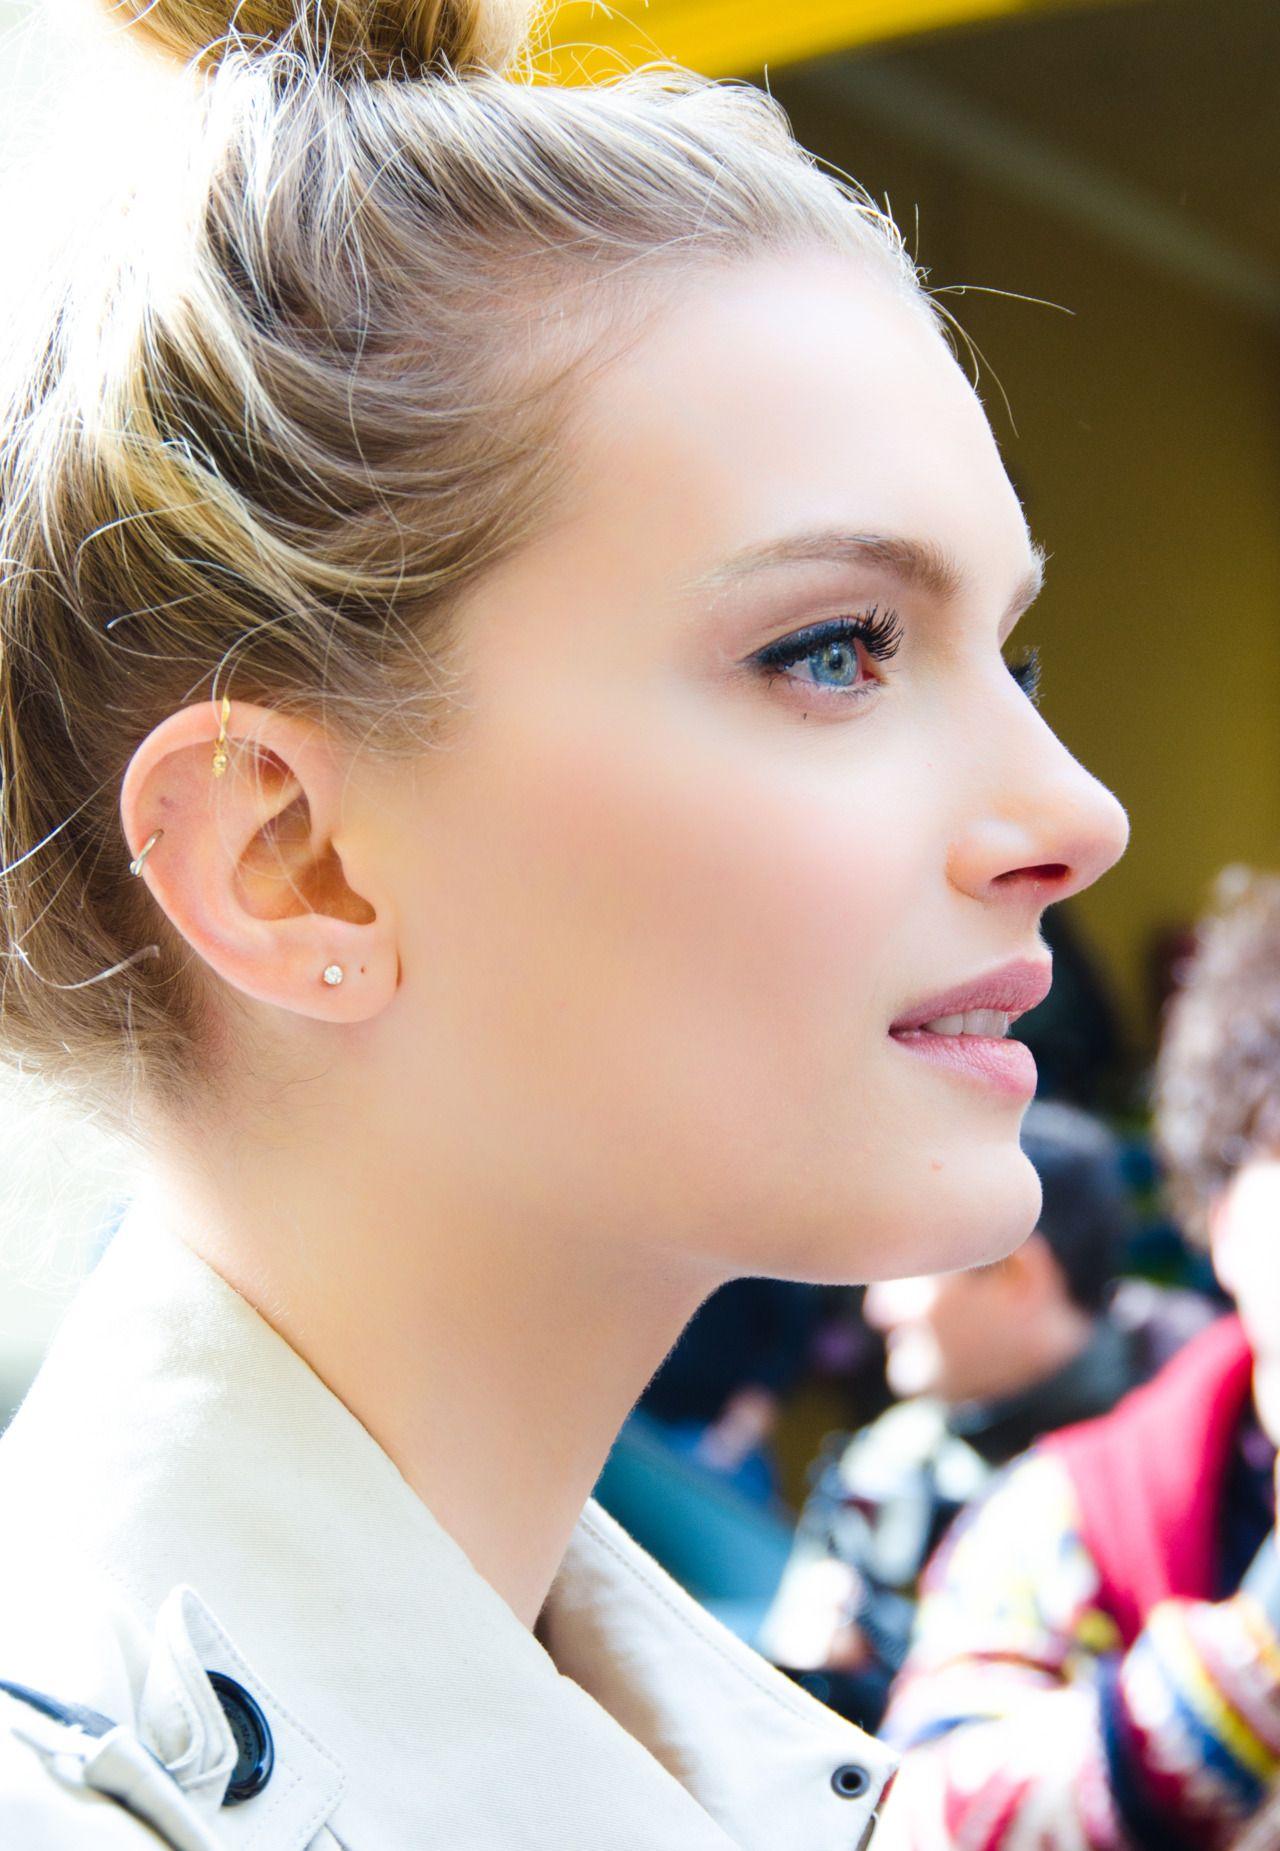 Ear piercing artist  Erin Richards  Pinterest  Adornments  Pinterest  Head games GQ